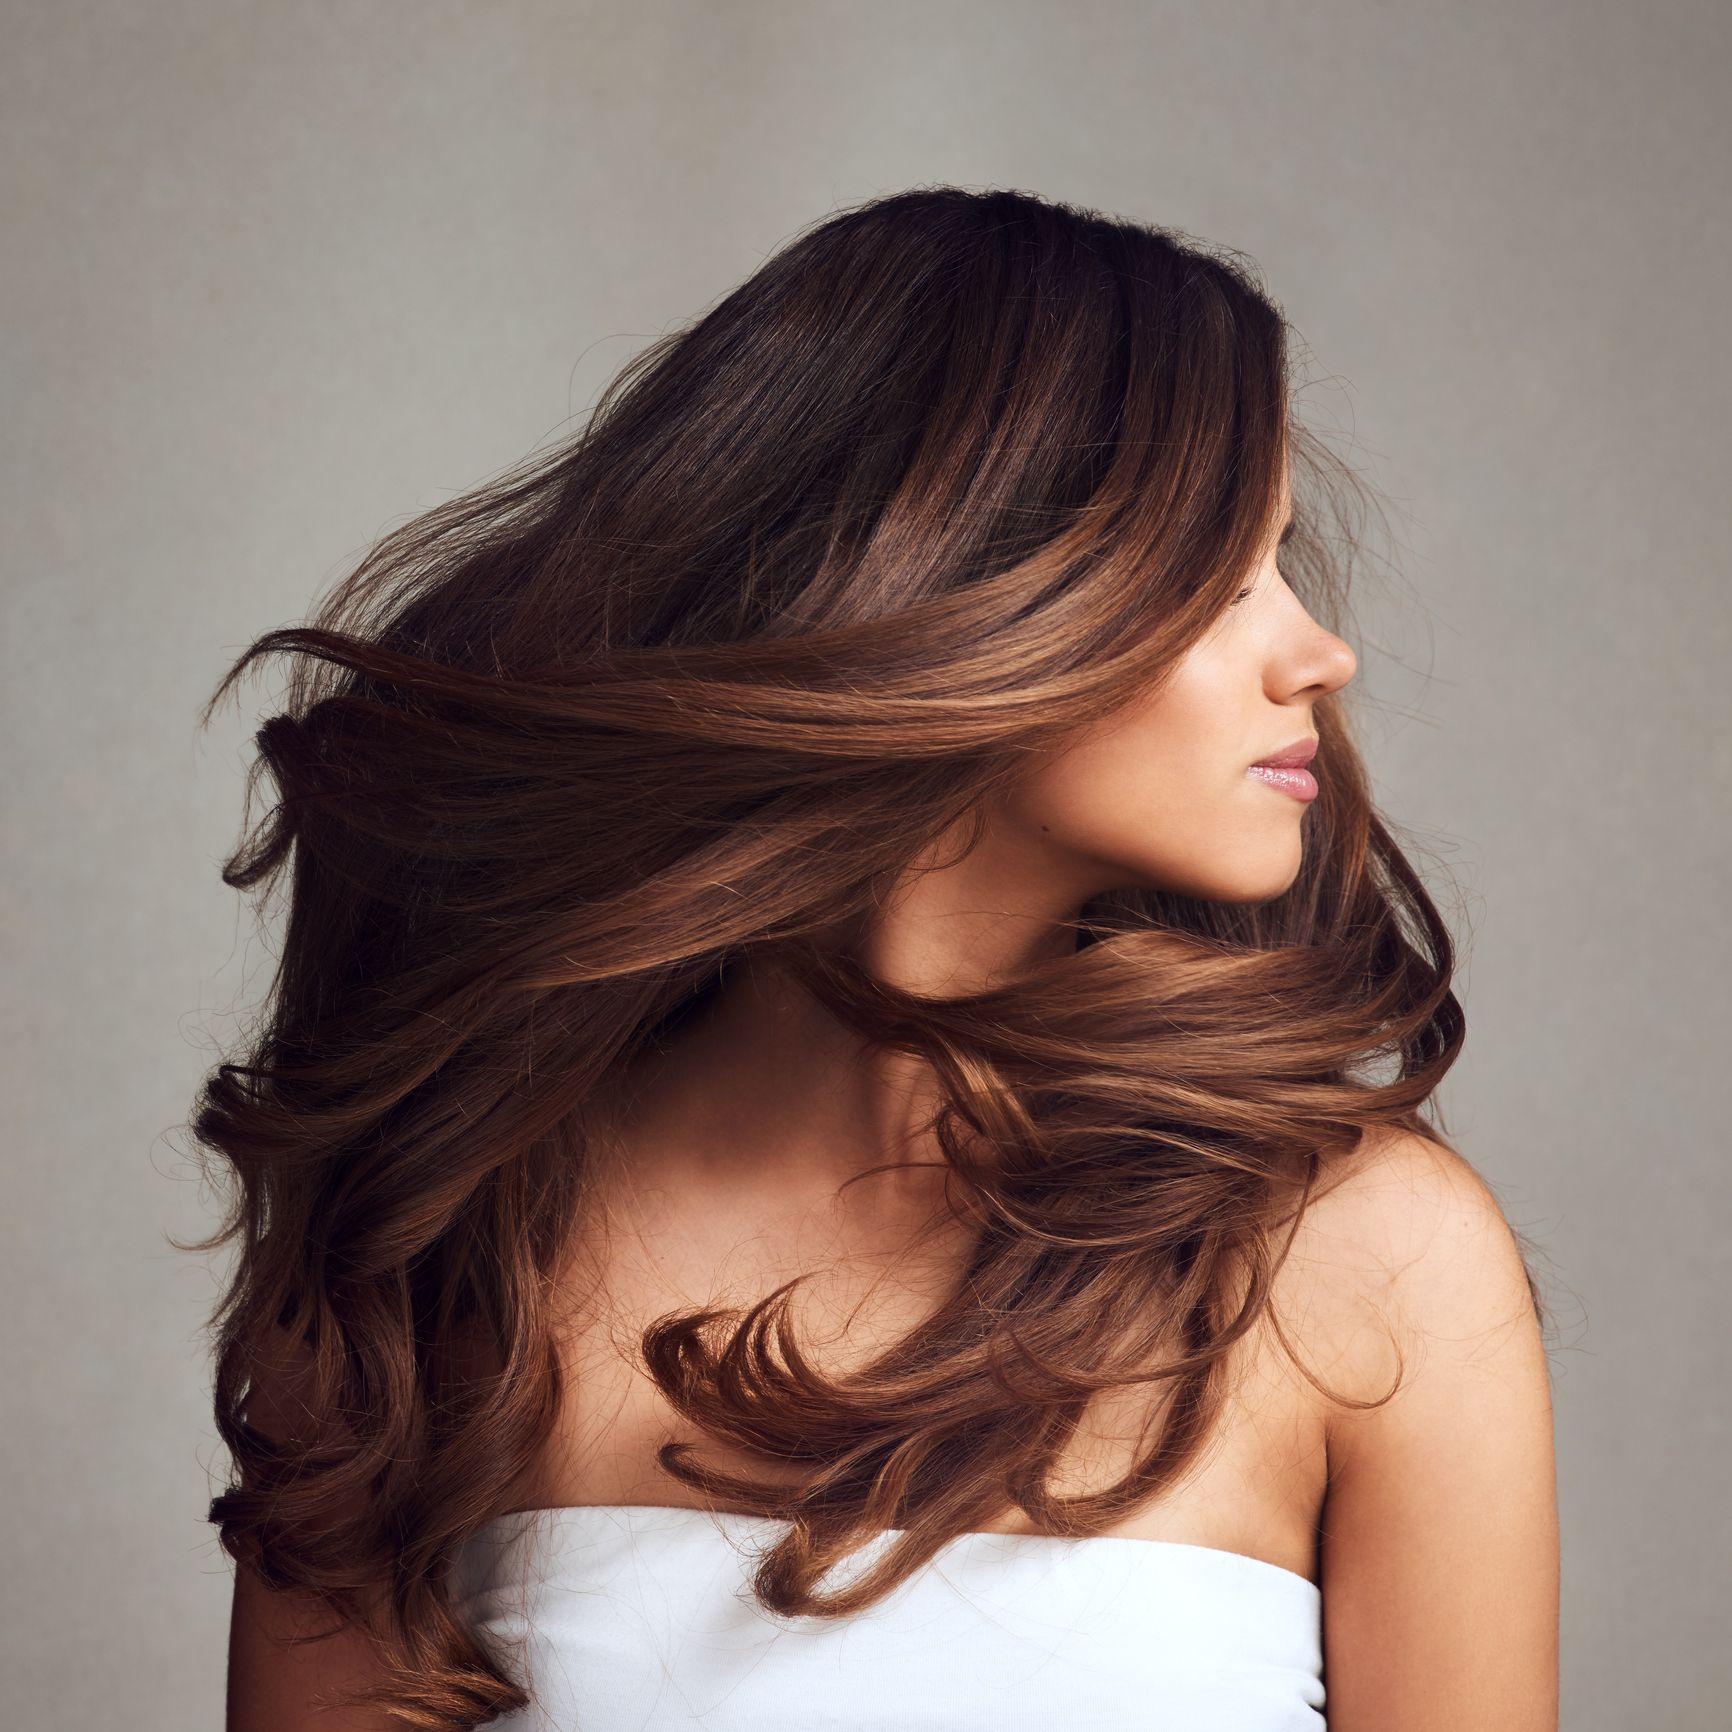 Hai anche tu i capelli piatti e fini? Con questi 5 tricks ottieni la chioma voluminosa che desideri